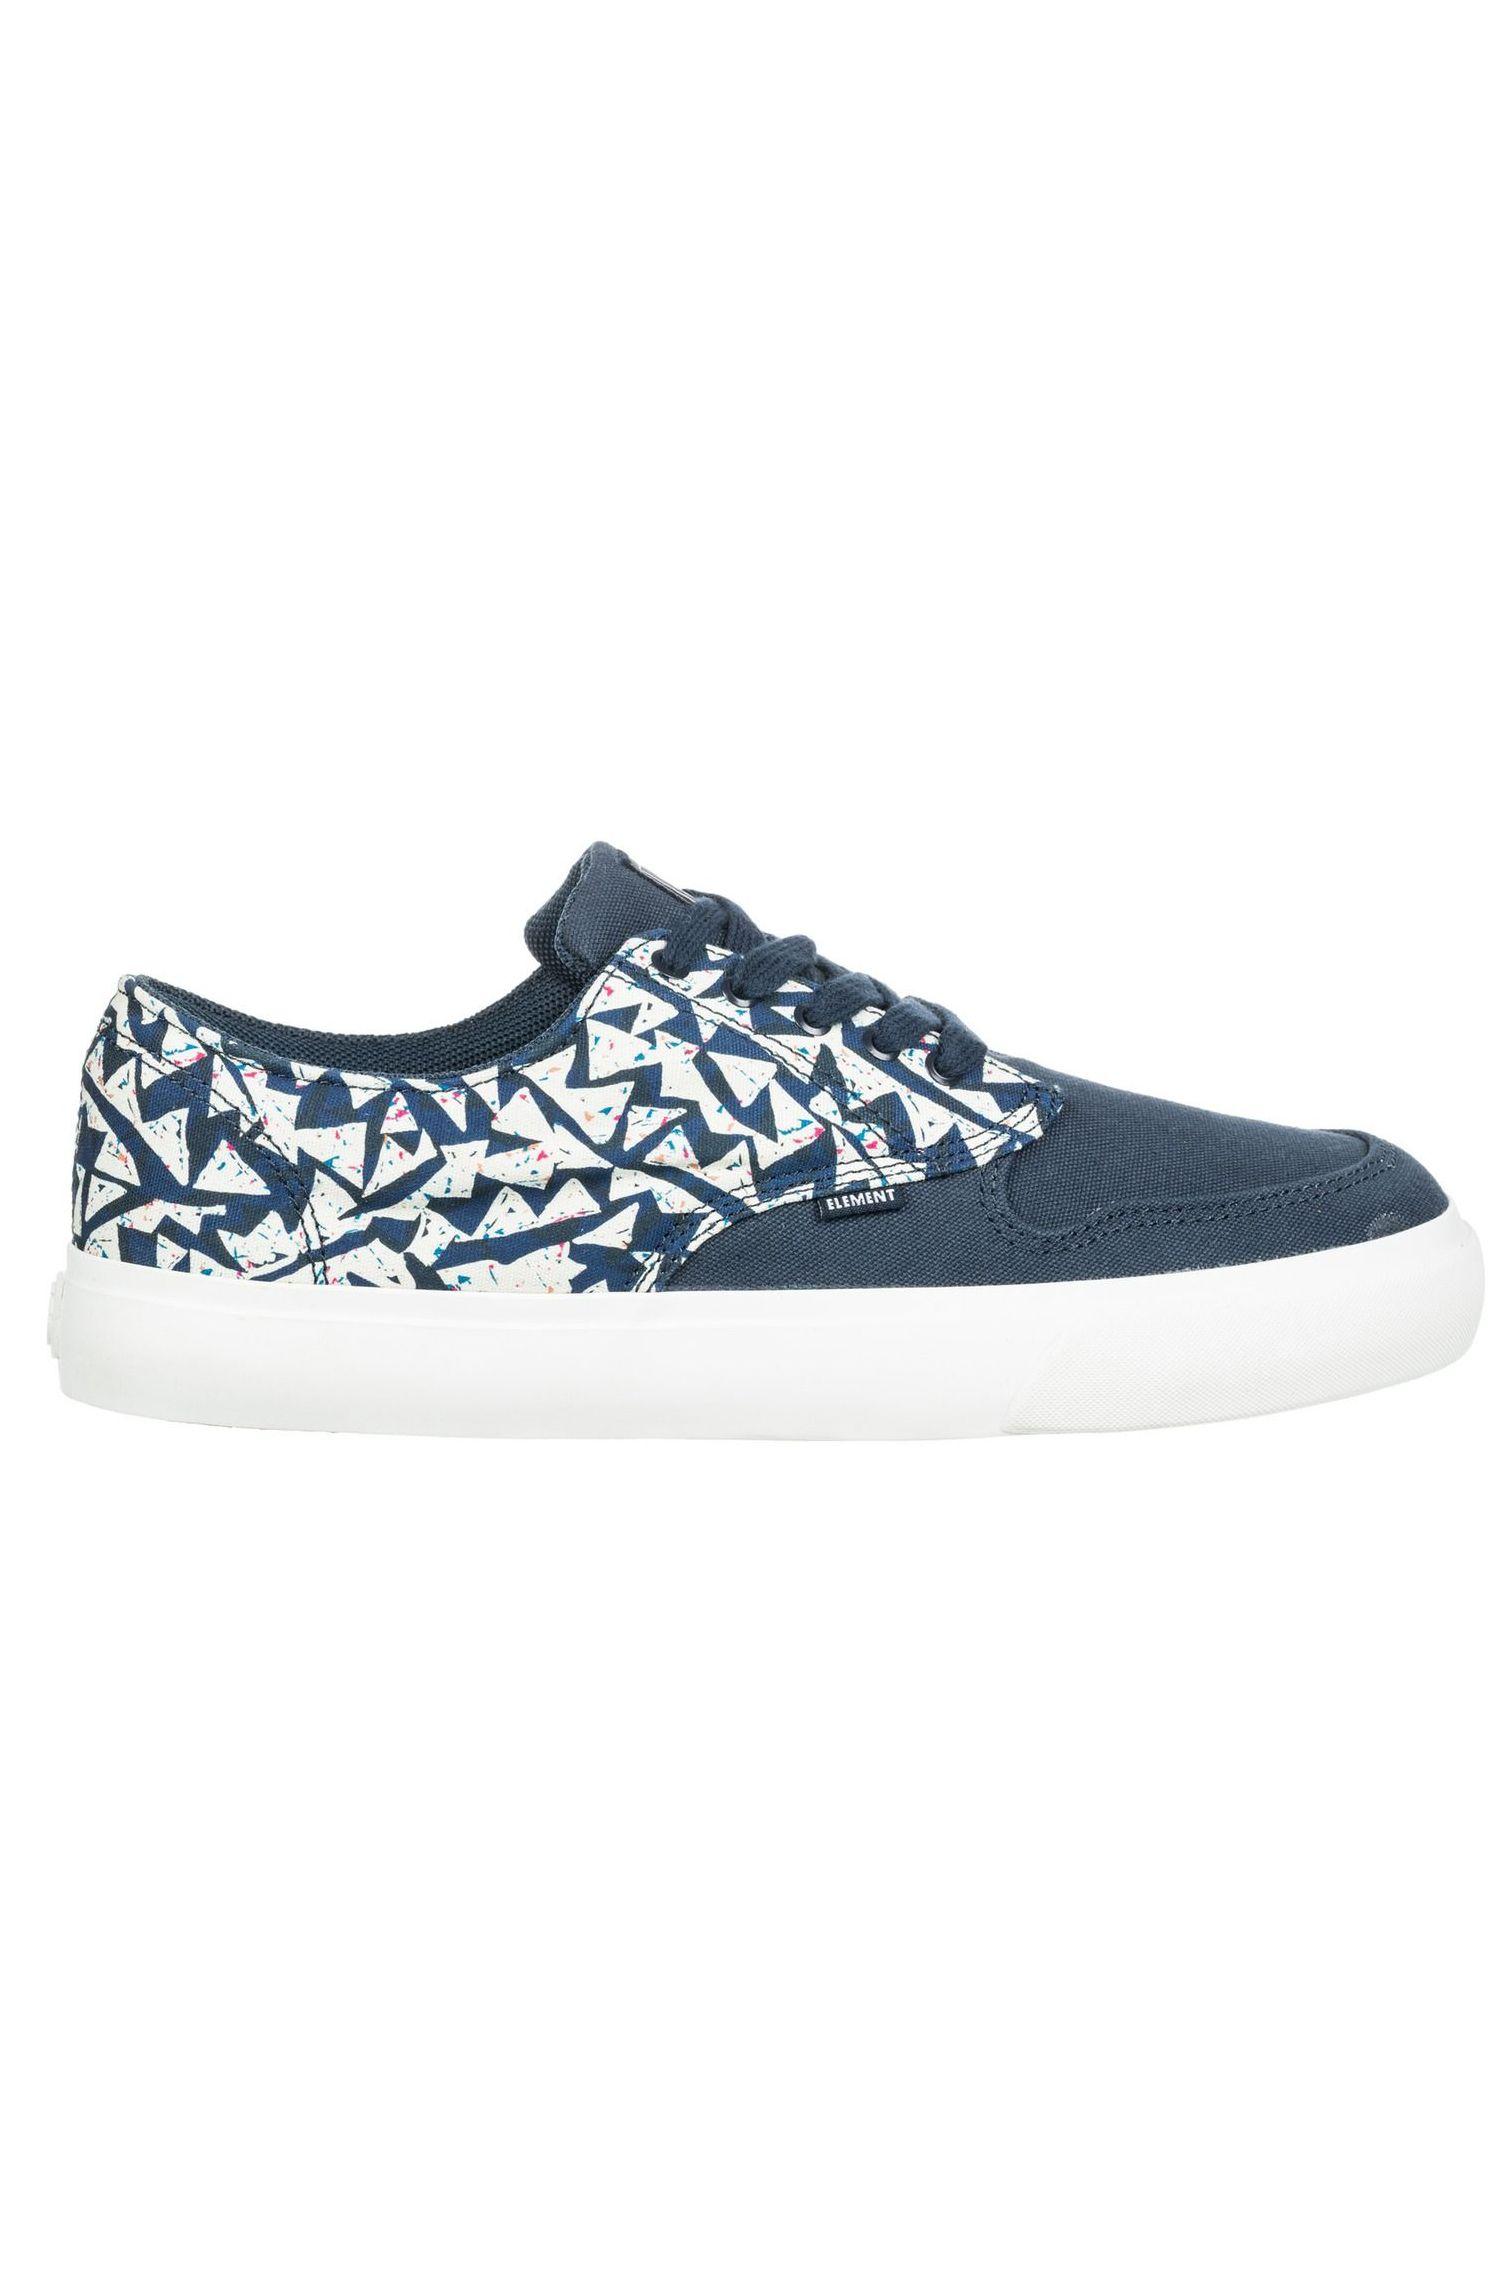 Element Shoes TOPAZ C3 Blue Ridge